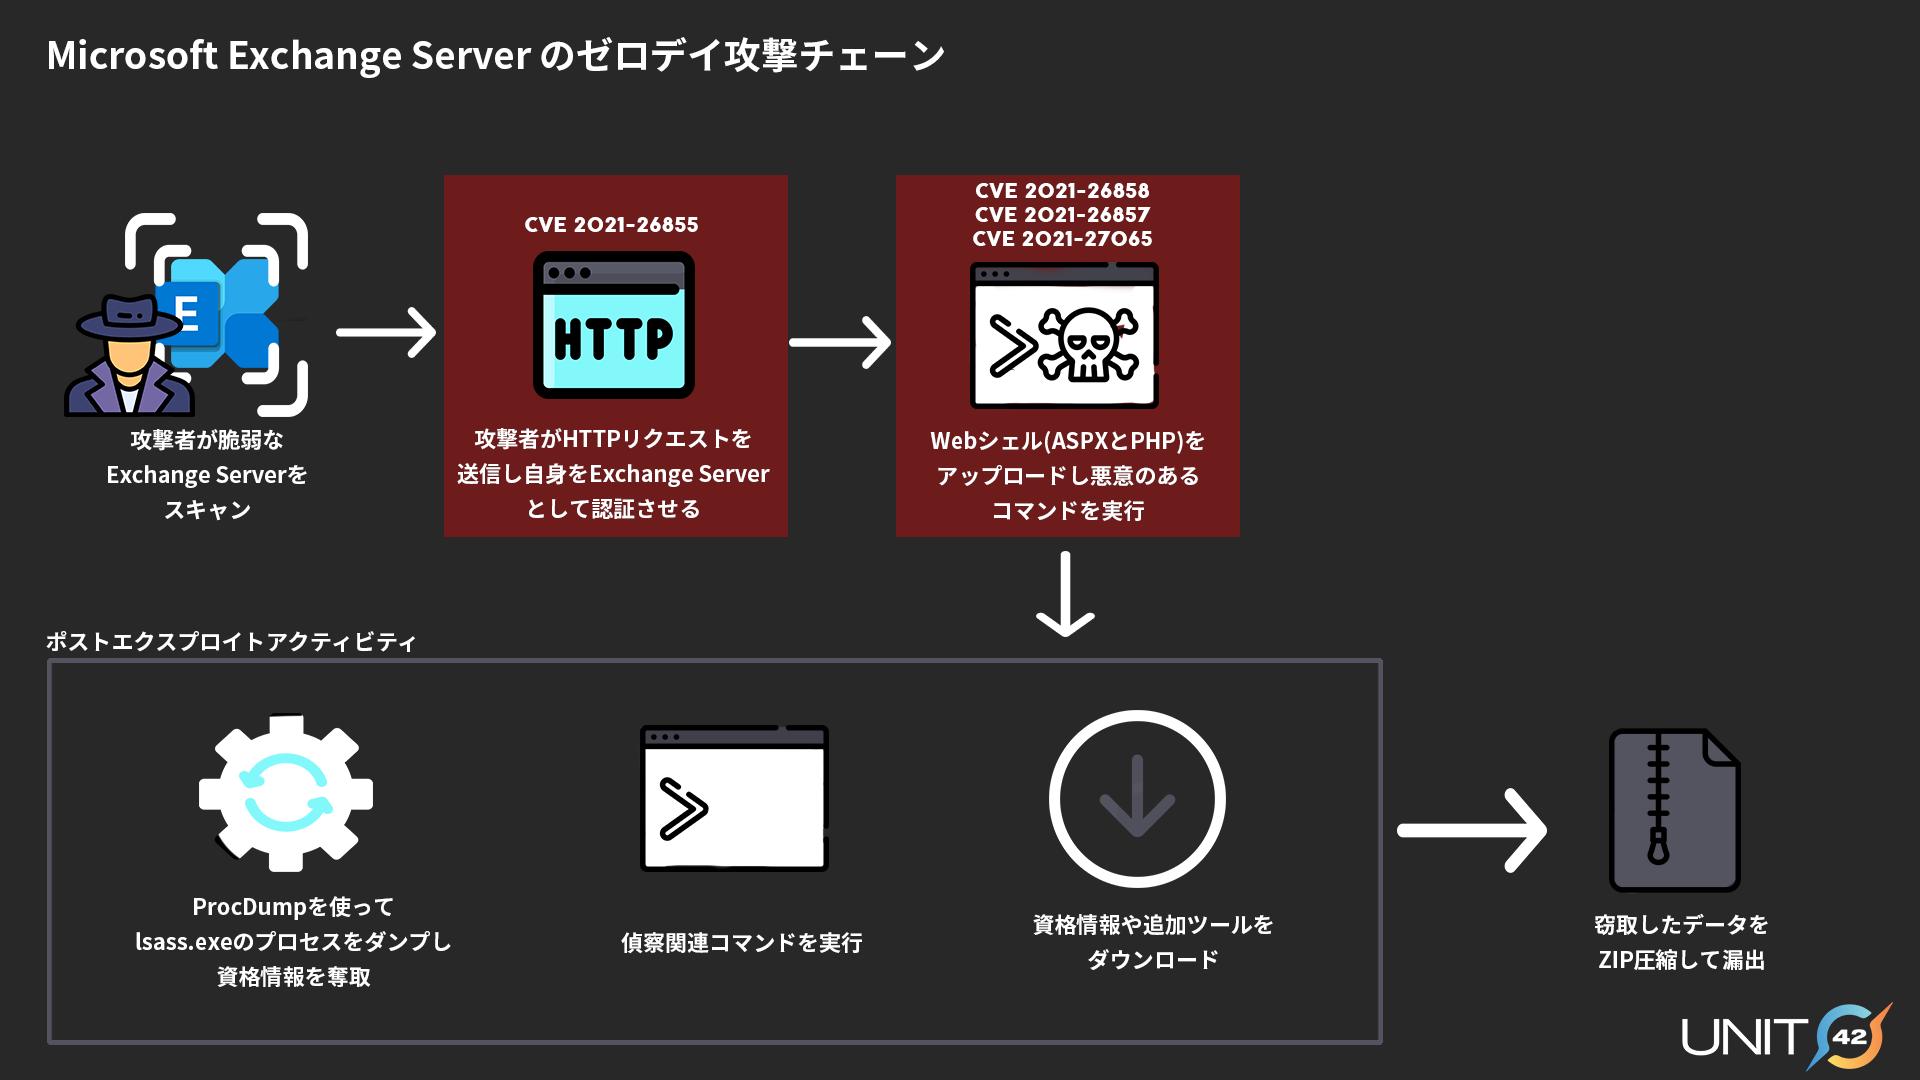 Microsoft Exchangeゼロデイ攻撃チェーン-脆弱なExchange Serverの攻撃者スキャン。攻撃者はHTTPリクエストを送信し、CVE-2021-26855を使用してExchangeサーバーを認証します。ここで説明する他の3つのMicrosoft Exchange Serverの脆弱性を使用して、Webシェルをアップロードし、悪意のあるコマンドを実行します。ポストエクスプロイトアクティビティ: ProcDumpを使ってLSASSプロセスメモリをダンプして資格情報を取得。偵察関連コマンドを実行。機密情報、追加ツールをダウンロード。窃取データをZIP圧縮して漏出。